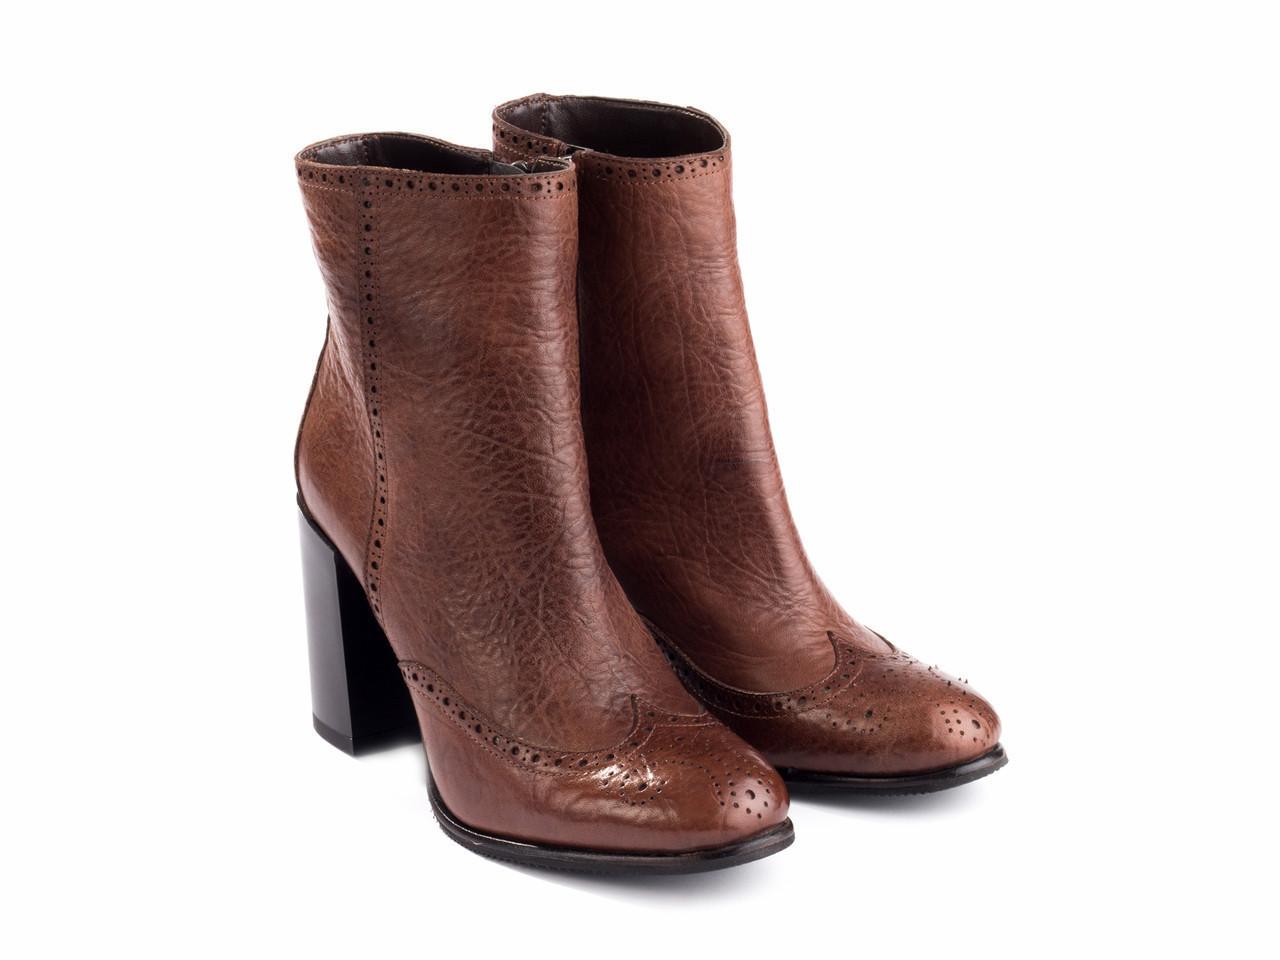 Ботинки Etor 5670-012-1440-1 40 коричневые